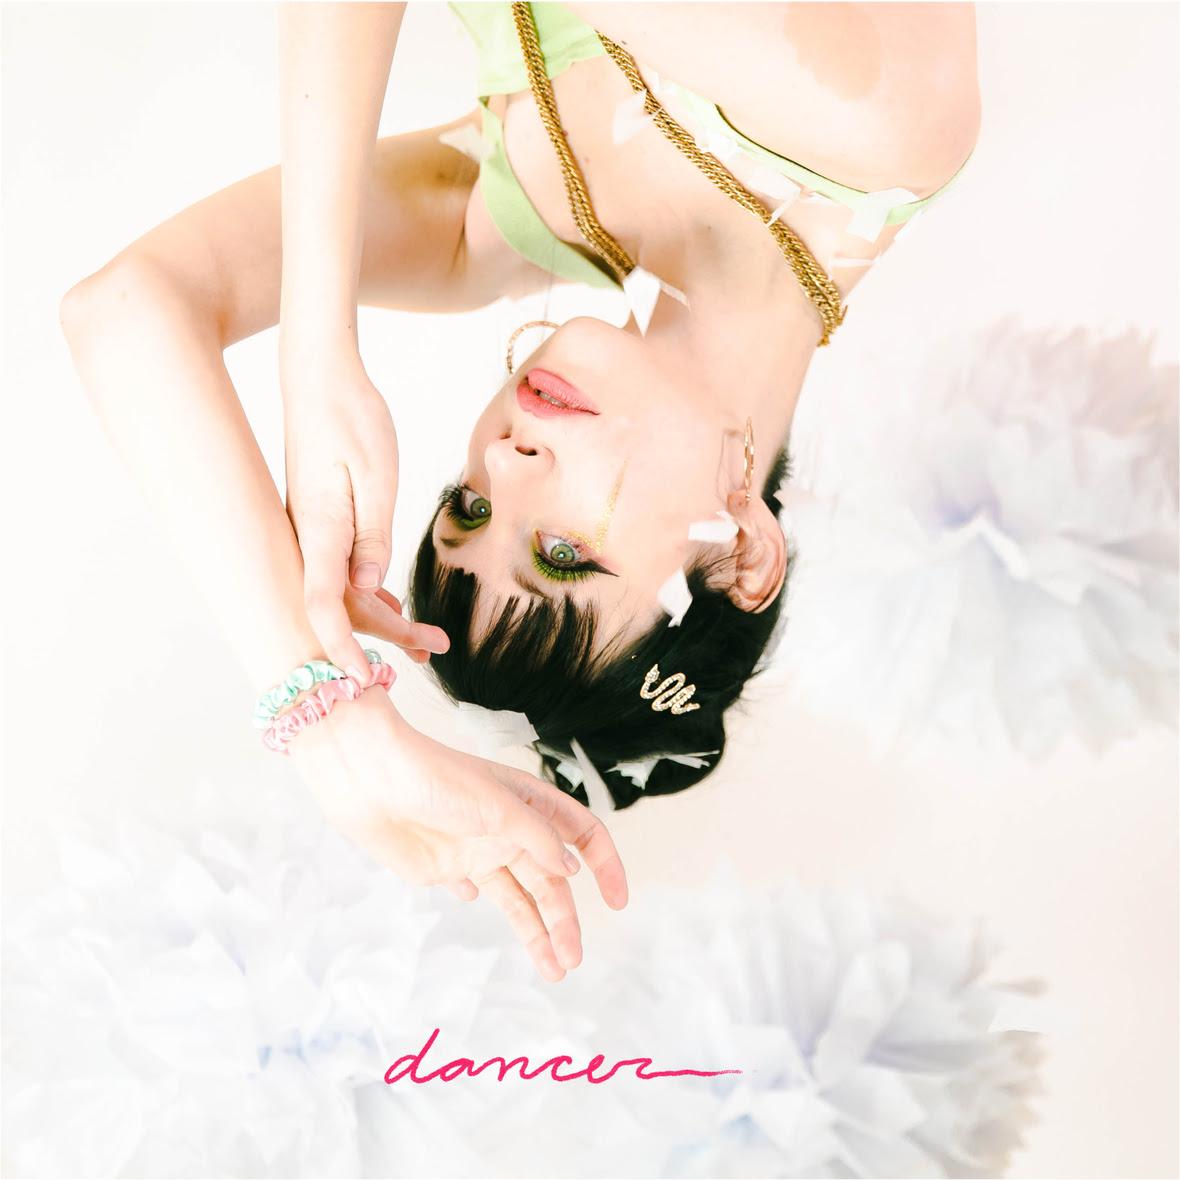 SHORTLY DANCER ARTWORK